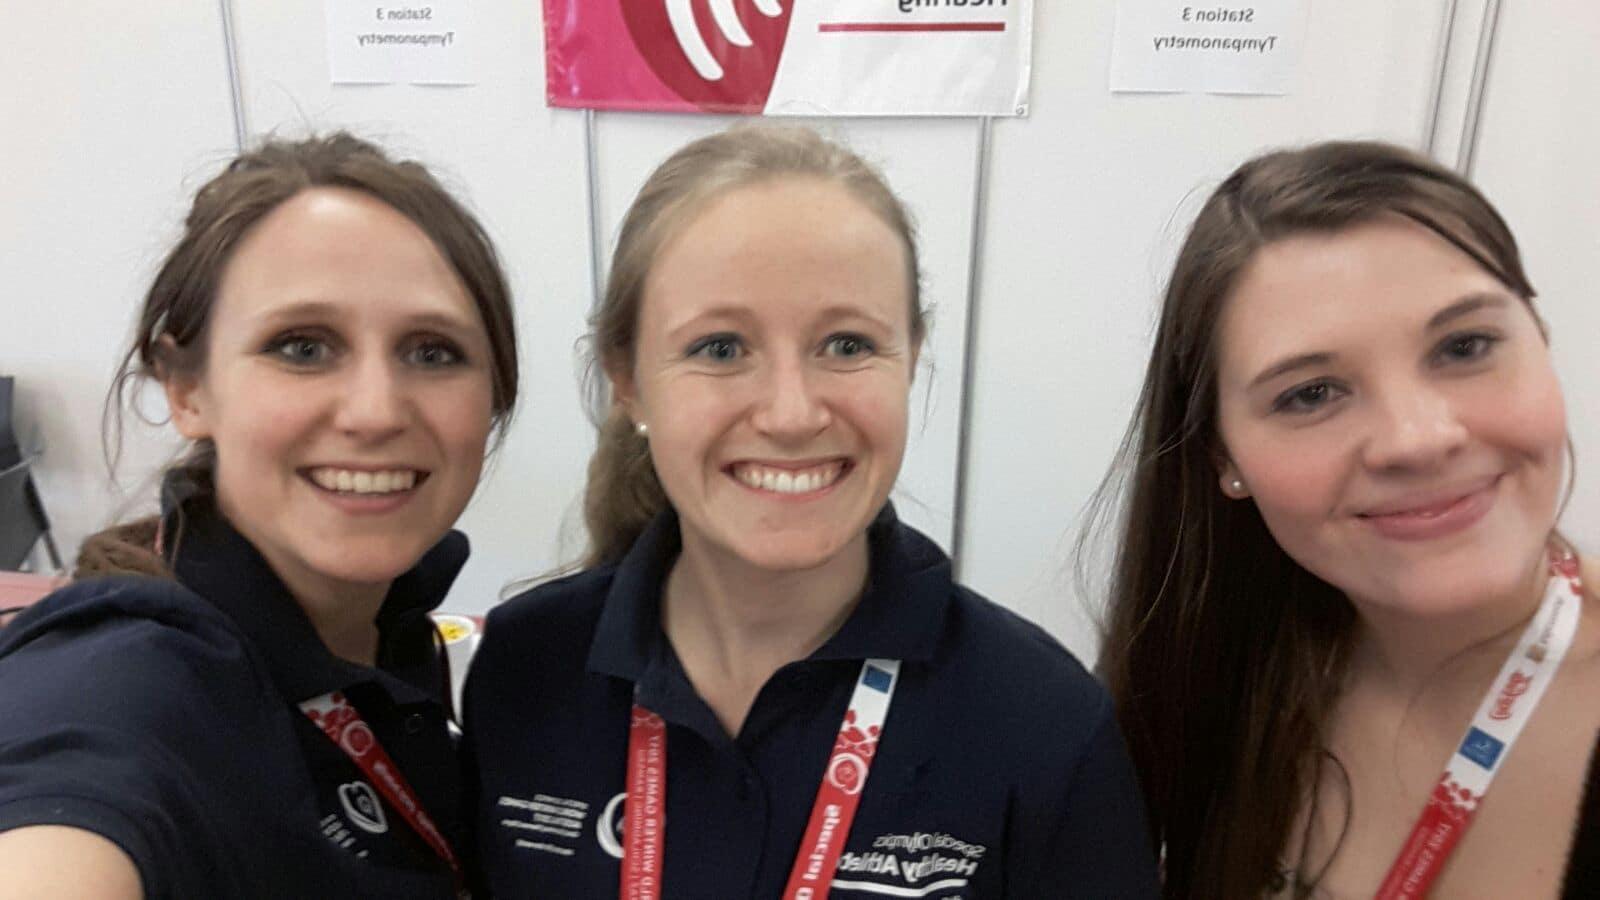 Clinical Directors des Healthy Hearing Program Anna Schwingshackl (links) und Claudia Neudeck (Mitte) mit Praktikantin Leonie Terhardt (rechts)